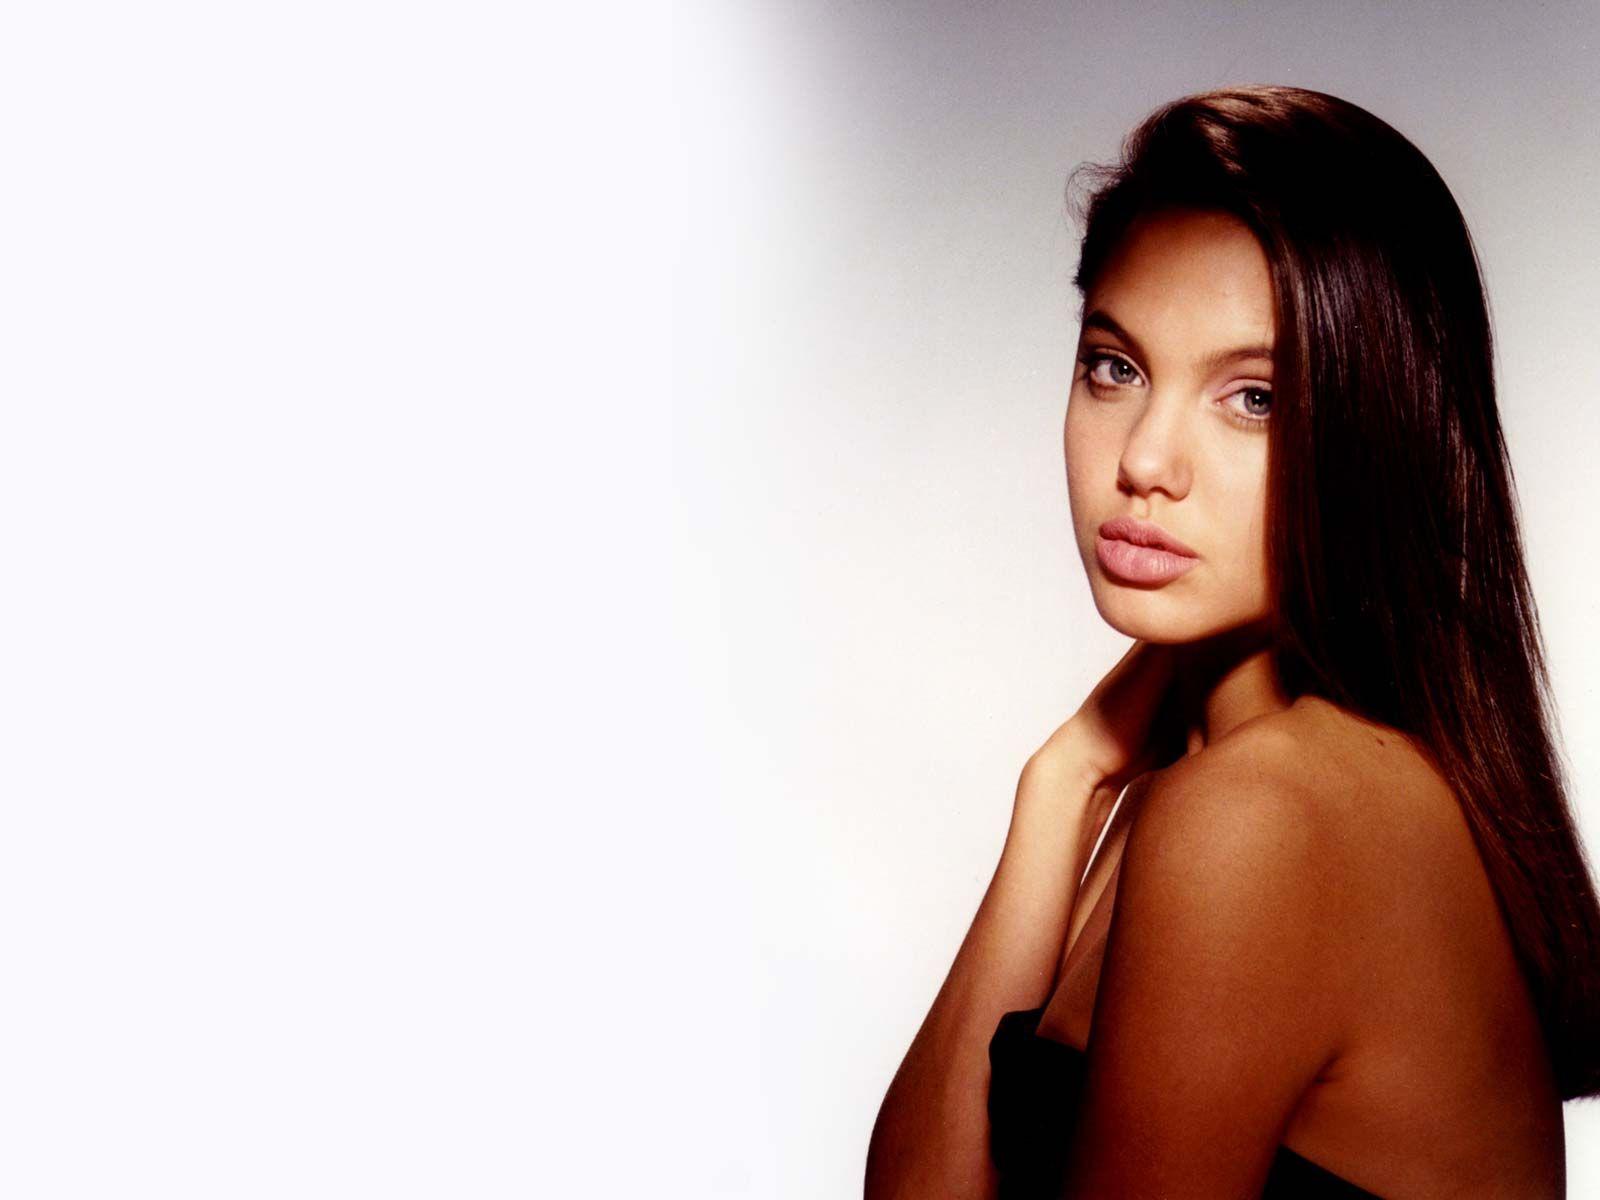 Claudia galanti nude pics